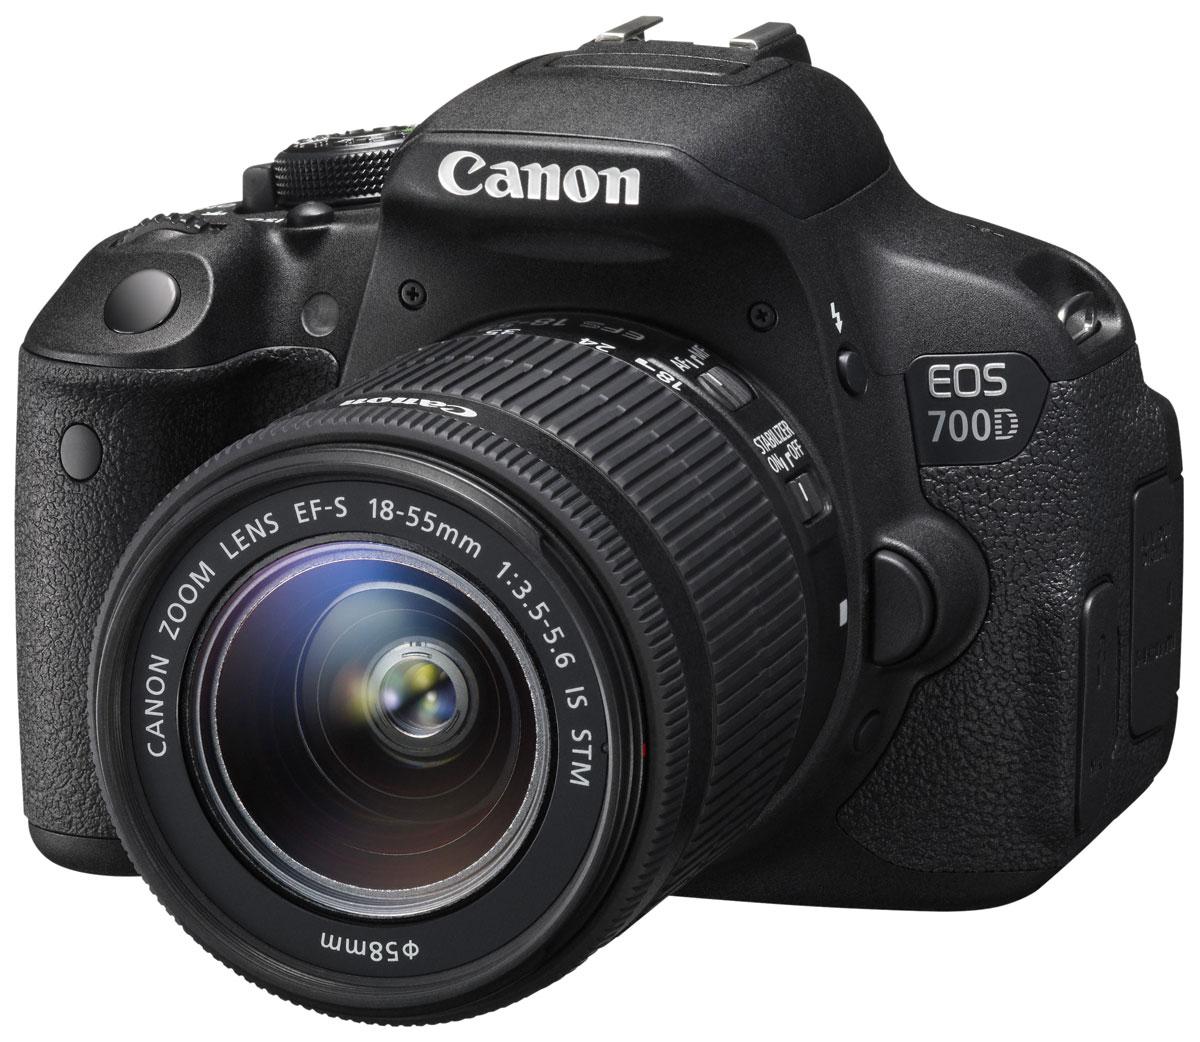 Canon EOS 700D Kit EF-S 18-55 IS STM цифровая зеркальная фотокамера8596B005Цифровая зеркальная камера Canon EOS 700D идеальна для первого опыта в мире изображений EOS. Сделайте шаг в мир цифровой зеркальной фотографии и раскройте свой творческий потенциал. 18-мегапиксельный датчик позволяет создавать превосходные фотографии и видео, а удобный сенсорный ЖК-экран с переменным углом наклона Clear View II превращает съемку в удовольствие.Превосходное качество изображения:Запечатлейте каждую деталь благодаря 18-мегапиксельной матрице с гибридным CMOS-автофокусом. EOS 700D позволяет создавать изображения с низким уровнем шумов, которые можно распечатывать в большом разрешении, либо кадрировать и менять композицию.Видео в формате Full HD:Снимайте видео с разрешением 1080p и с выбором оптимального уровня автоматического или ручного контроля. Технология гибридной автофокусировки обеспечивает автоматическую непрерывную фокусировку при съемке видео. EOS 700D поддерживает почти бесшумную следящую автофокусировку для видео, используя совместимые объективы с технологией STM. Запись стереозвука осуществляется с помощью встроенного или внешнего микрофона.Отслеживайте динамику движений:Отслеживайте движущиеся объекты с помощью системы автофокусировки с 9 точками крестового типа, даже если они перемещаются в пределах сцены. Серийная съемка со скоростью 5 кадров/с очередями до 22 снимков означает, что Вы никогда не пропустите решающий момент.Откройте новые углы обзора:Компонуйте фотографии и видео под новыми и интересными углами с помощью 77-мм (3,0) сенсорного ЖК-экрана с переменным углом наклона Clear View II с соотношением сторон 3:2. Снимайте над головой или выберите впечатляющий ракурс на уровне поверхности земли.Сенсорное управление:Камеру EOS 700D удобно использовать с самого начала. Наводка на резкость и съемка одним касанием сенсорного экрана камеры, а также просмотр изображений при помощи движения пальцами и перетаскивания.Интеллектуальный сценарный режим:Легкое создание пре